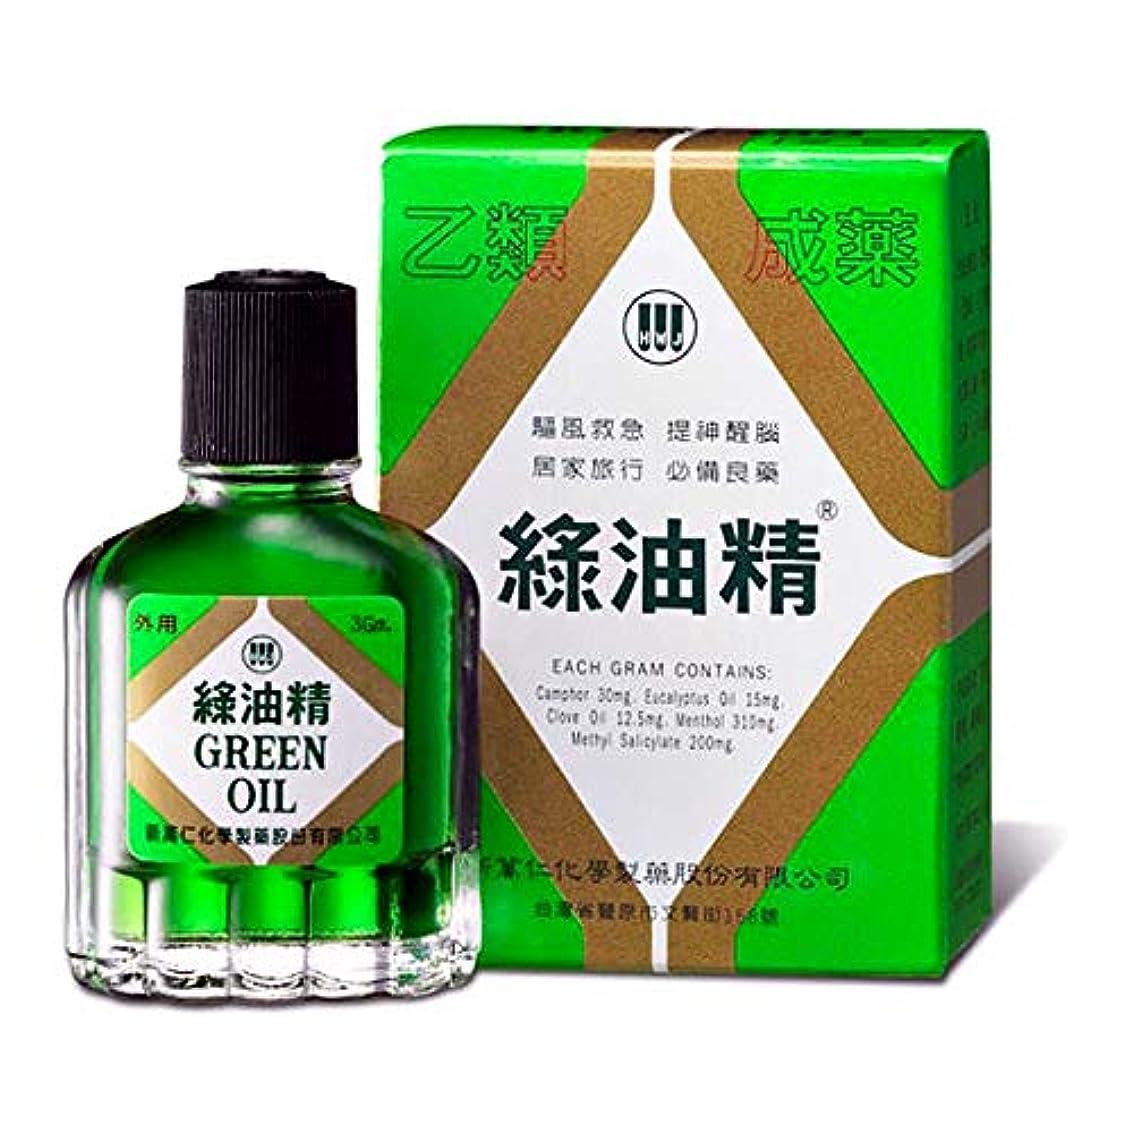 ダッシュ有用あたり《新萬仁》台湾の万能グリーンオイル 緑油精 3g 《台湾 お土産》 [並行輸入品]